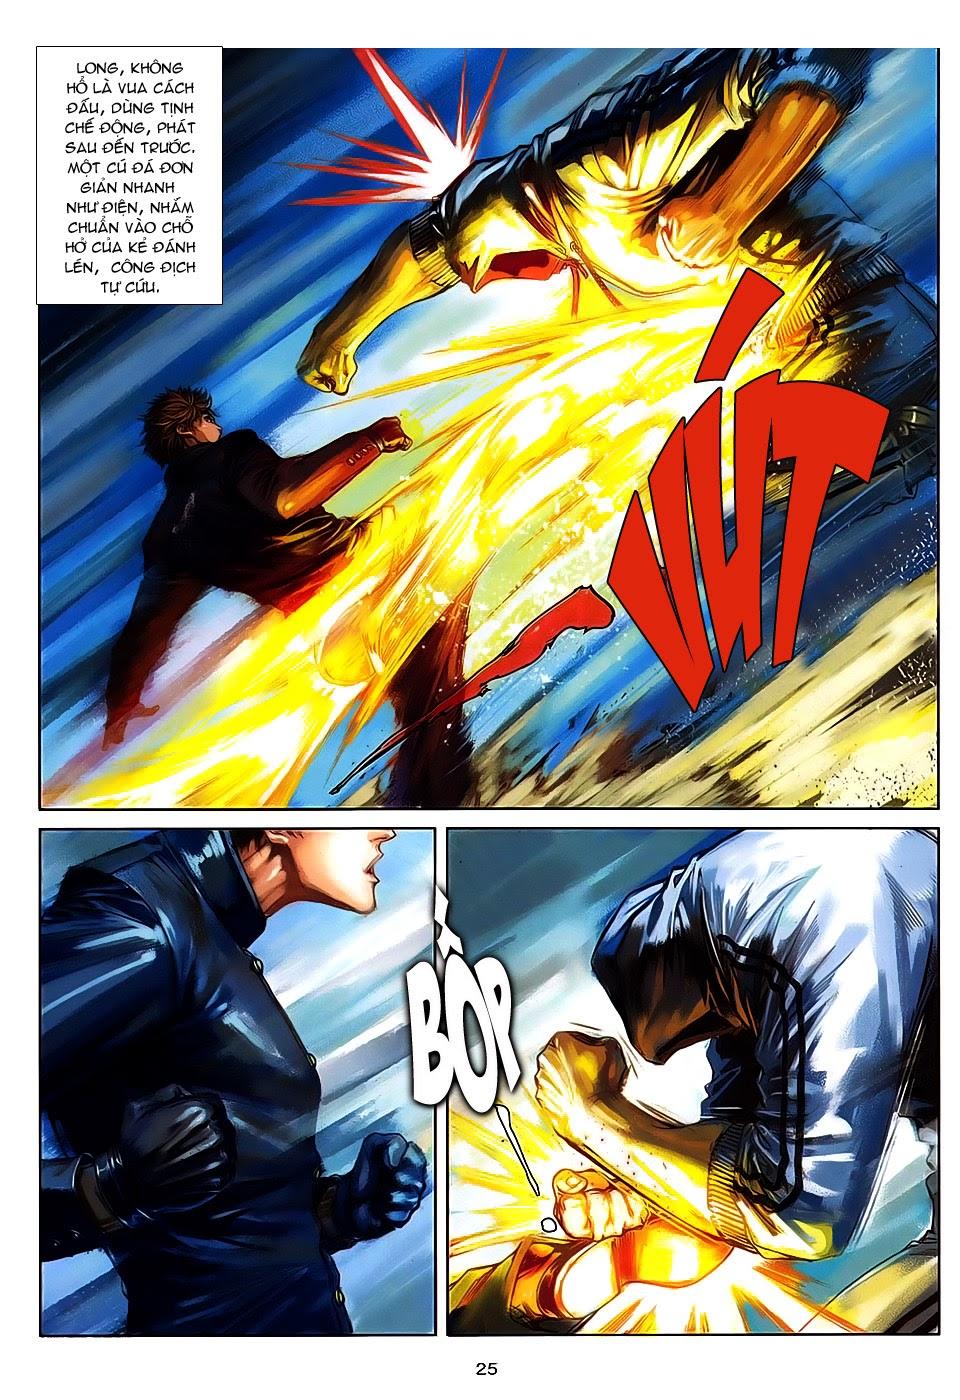 Quyền Đạo chapter 8 trang 25